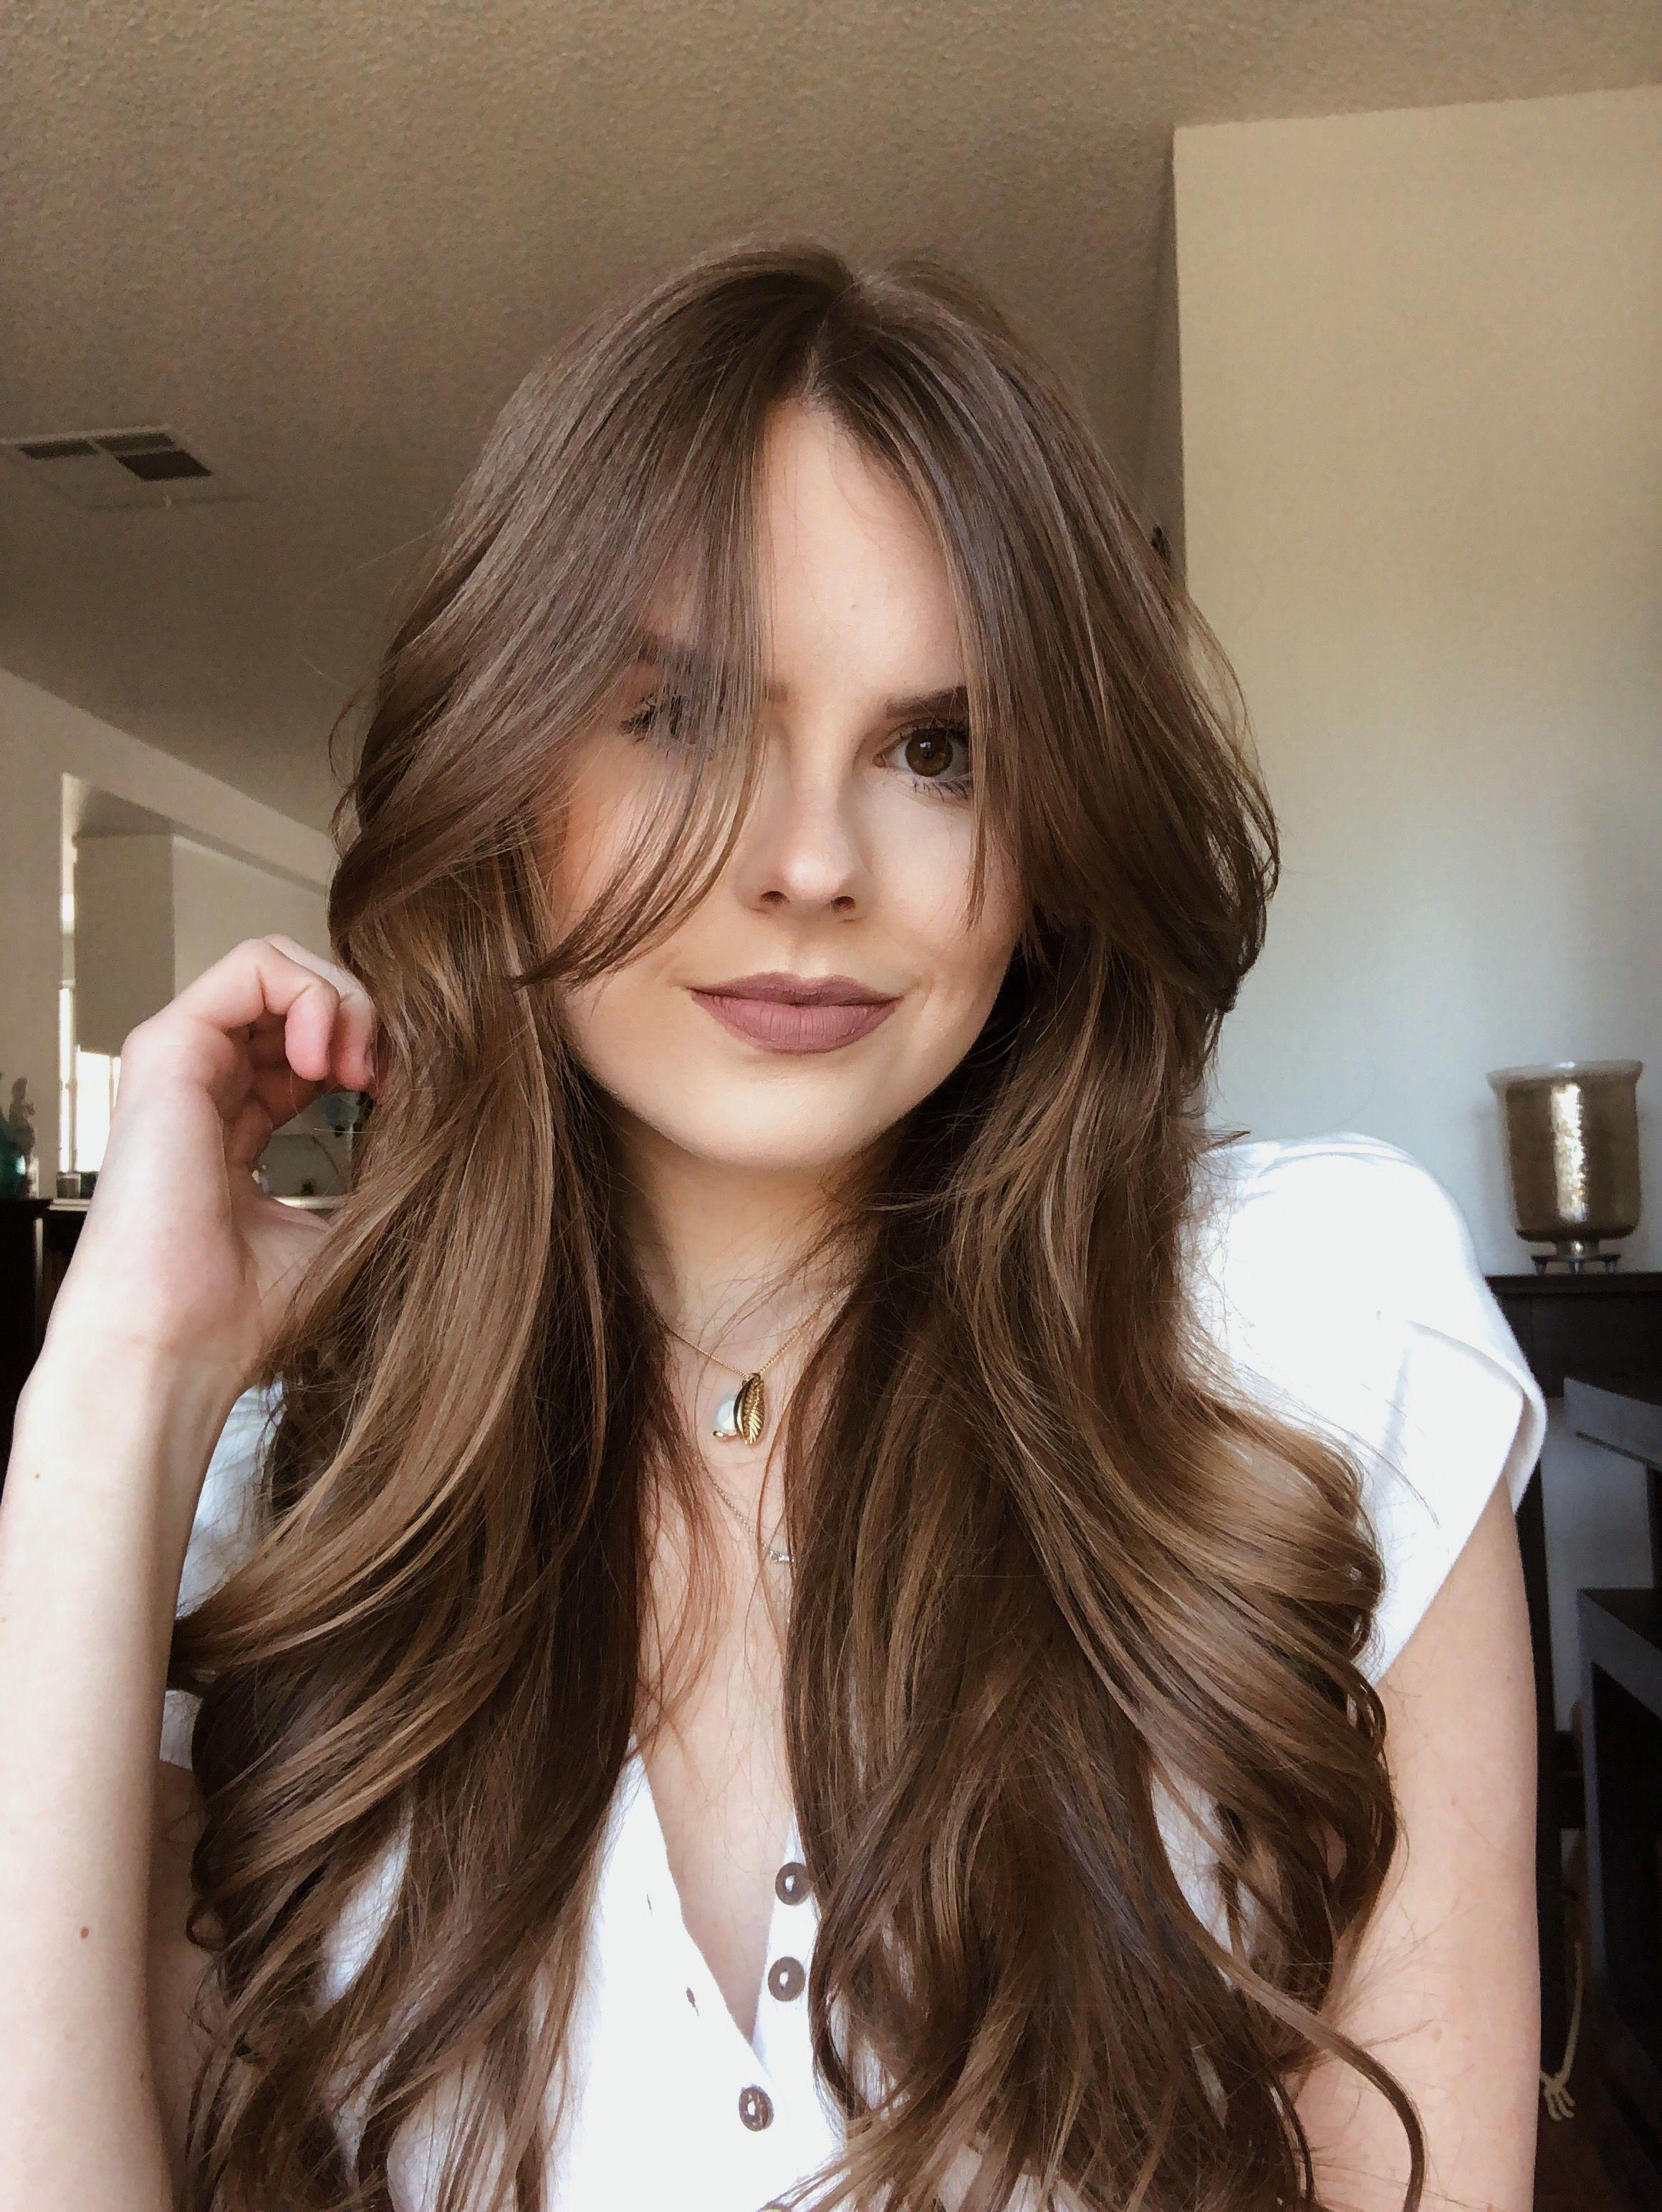 Curtain Bangs In 2020 Haircuts For Medium Hair Hair Styles Long Hair With Bangs